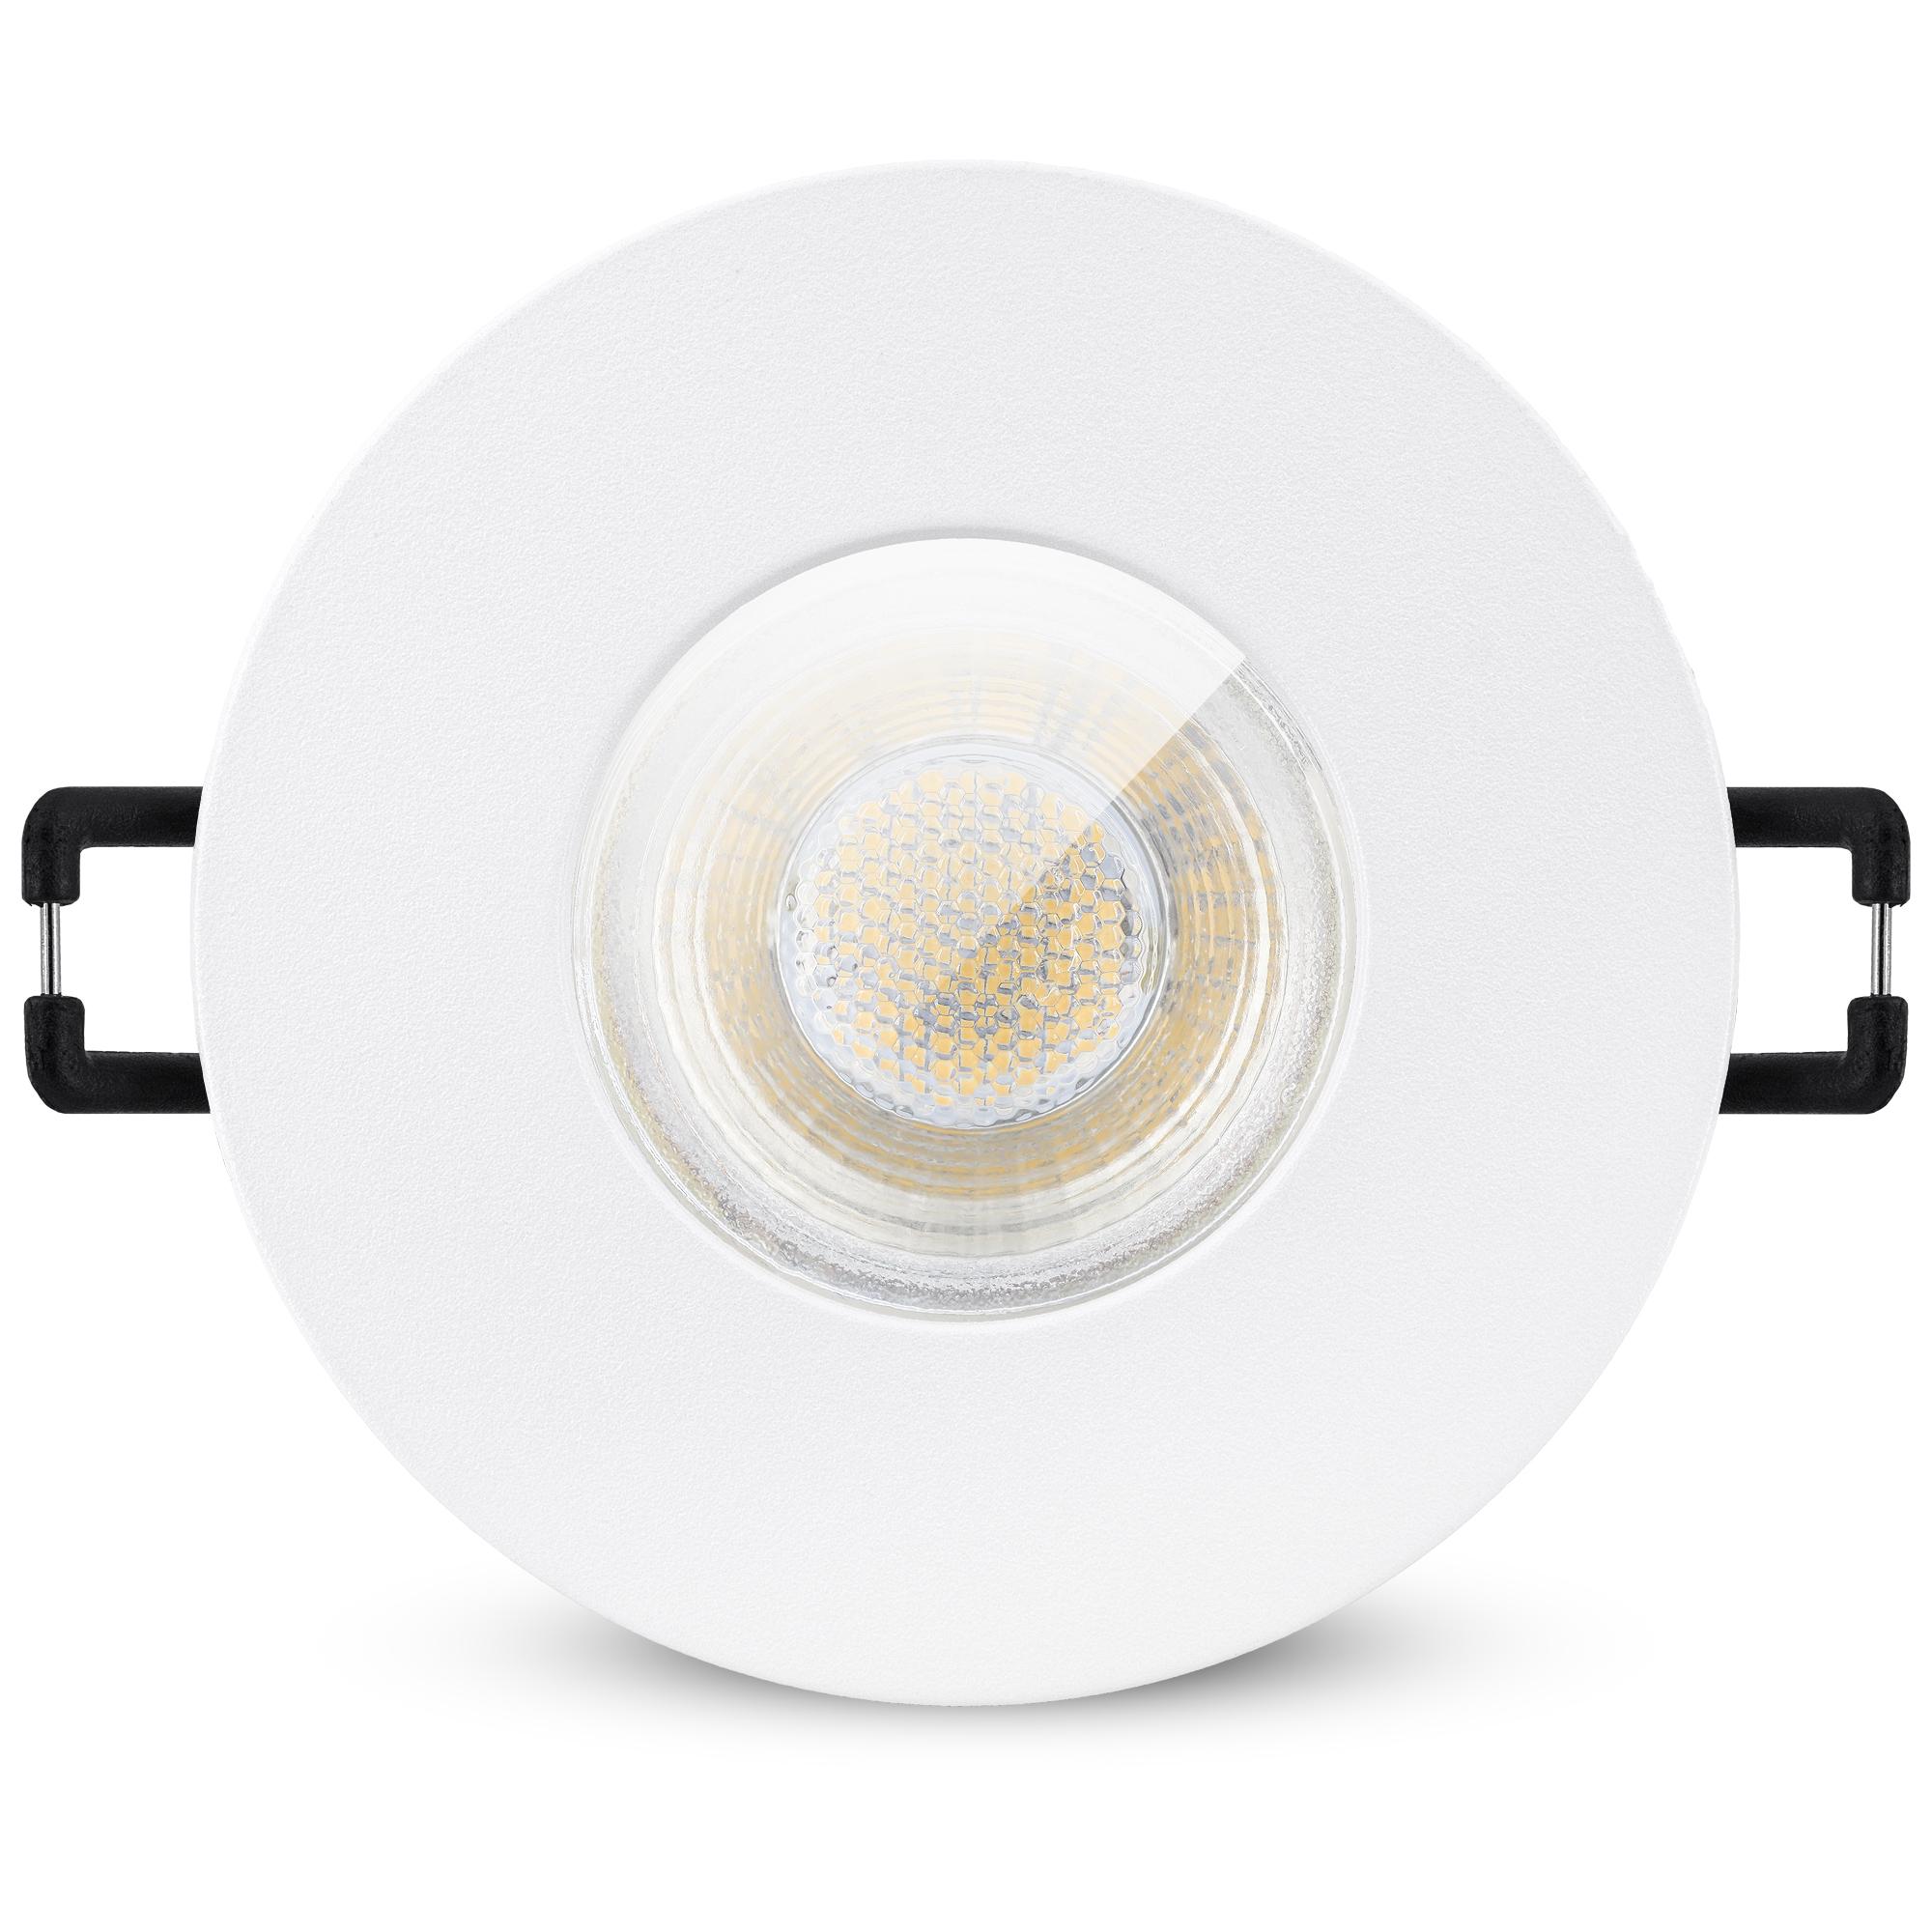 LED Bad Einbauleuchte IP20 matt weiß GU20 20W neutralweiß 20V ...